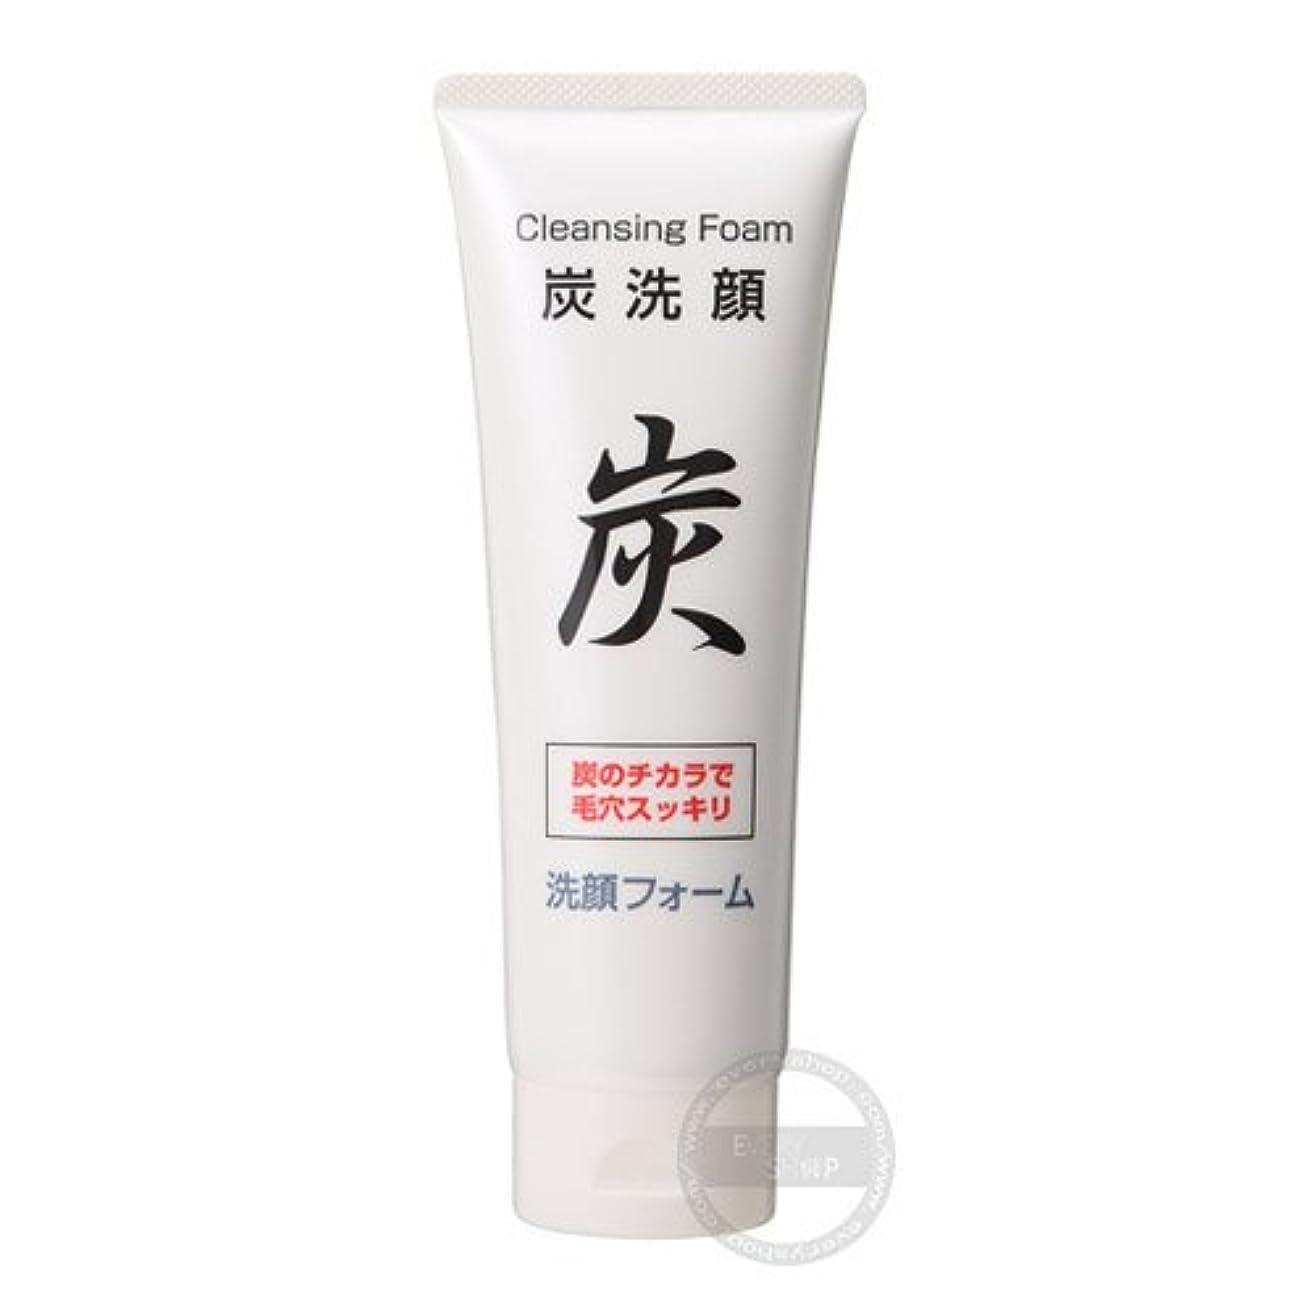 土砂降り避難する疑わしい炭洗顔 洗顔フォーム‐KH544725